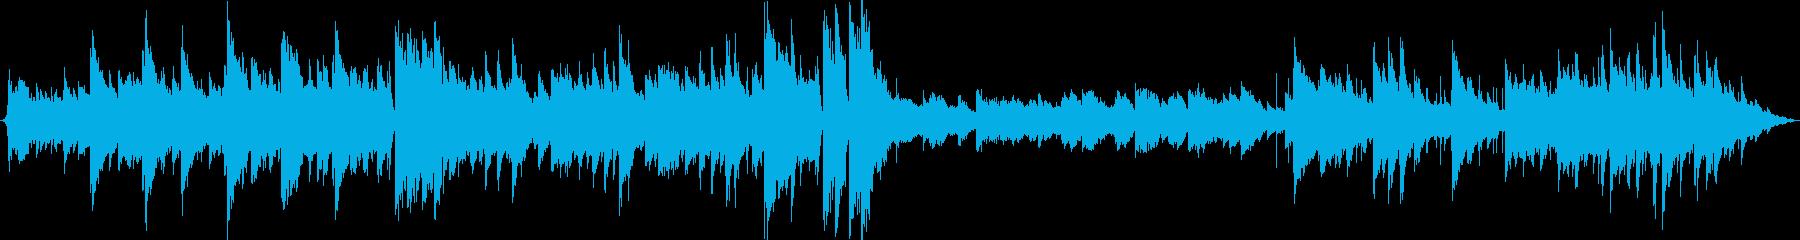 おしゃれなトリオジャズの再生済みの波形